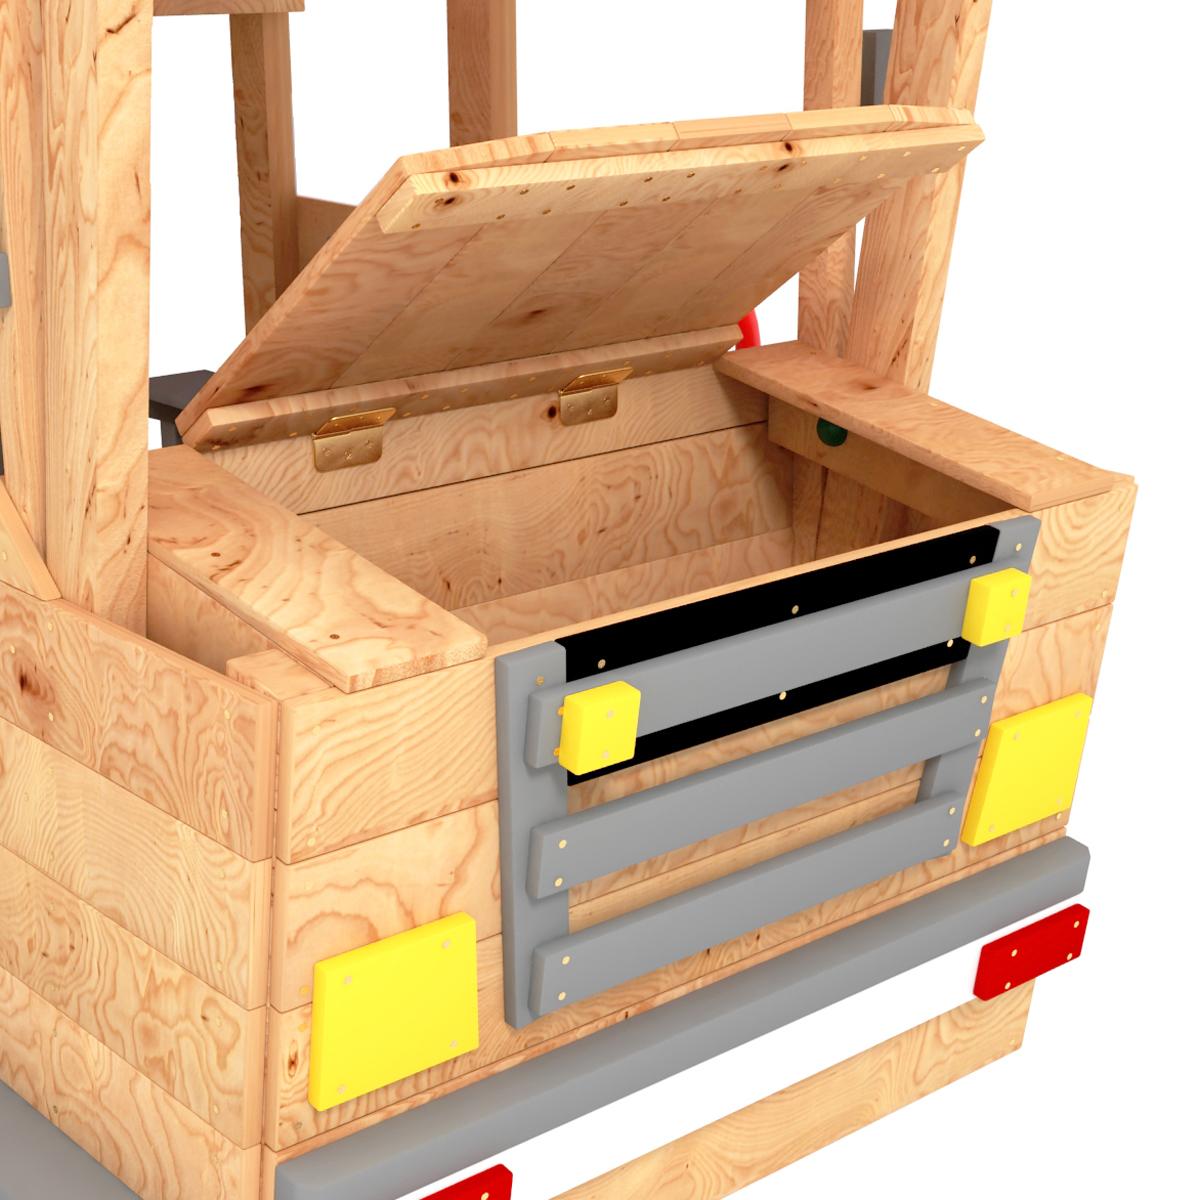 Spielturm Feuerwehrauto mit offener Motorhaube von BIBEX